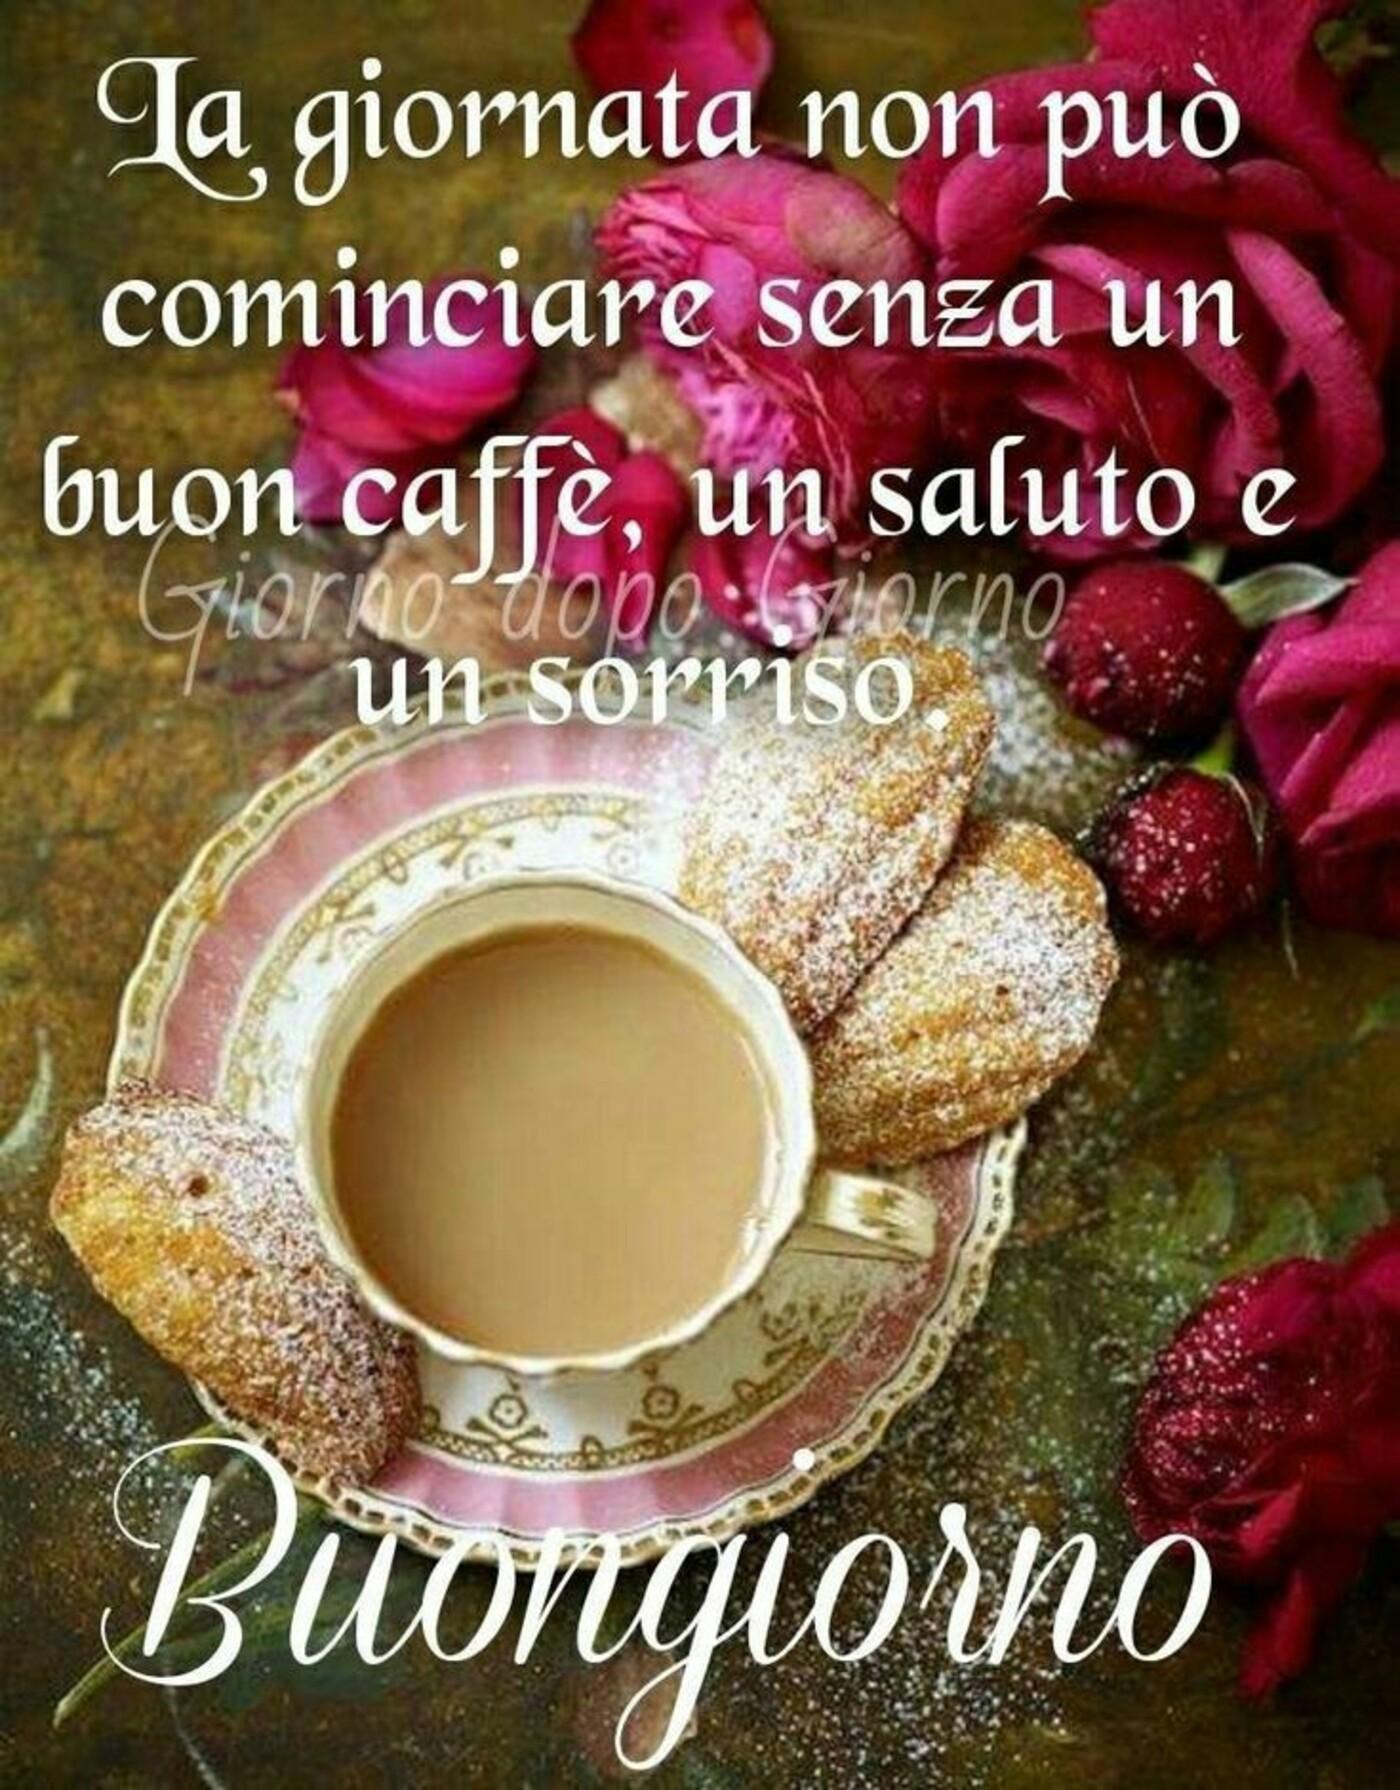 La giornata non può iniziare senza un buon caffè, un saluto e un sorriso. Buongiorno